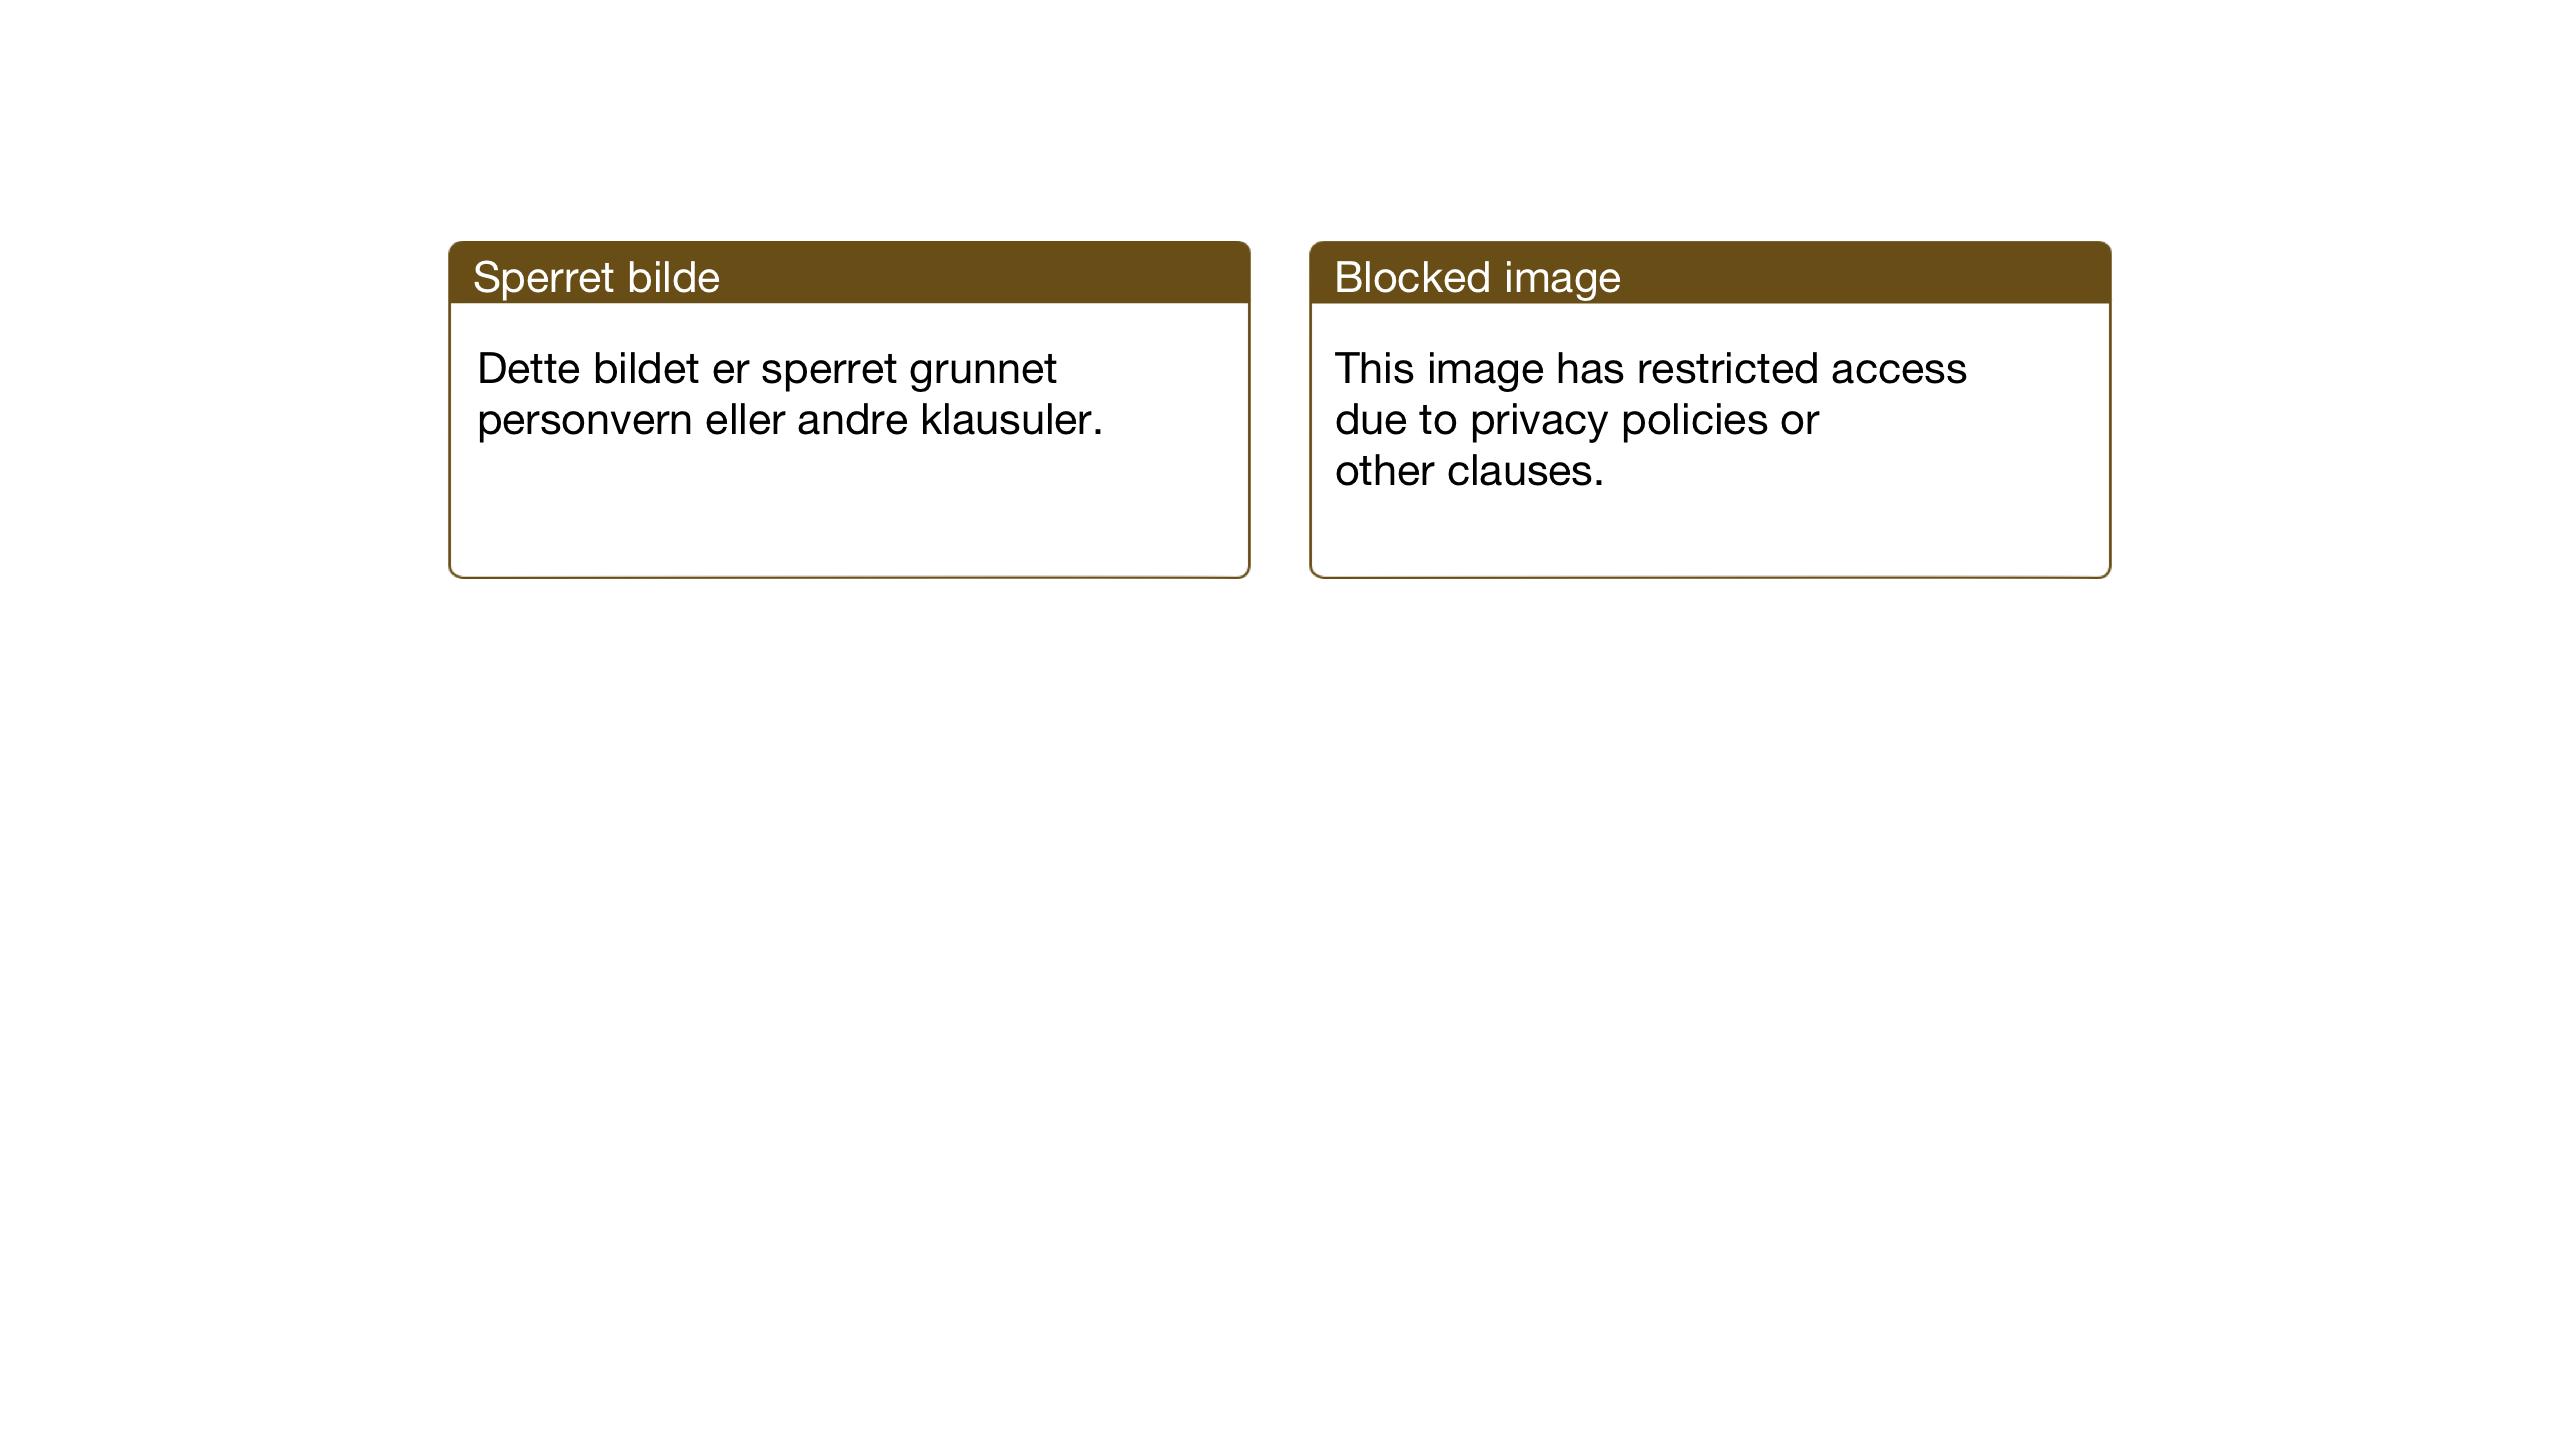 SAT, Ministerialprotokoller, klokkerbøker og fødselsregistre - Sør-Trøndelag, 695/L1158: Klokkerbok nr. 695C09, 1913-1940, s. 142